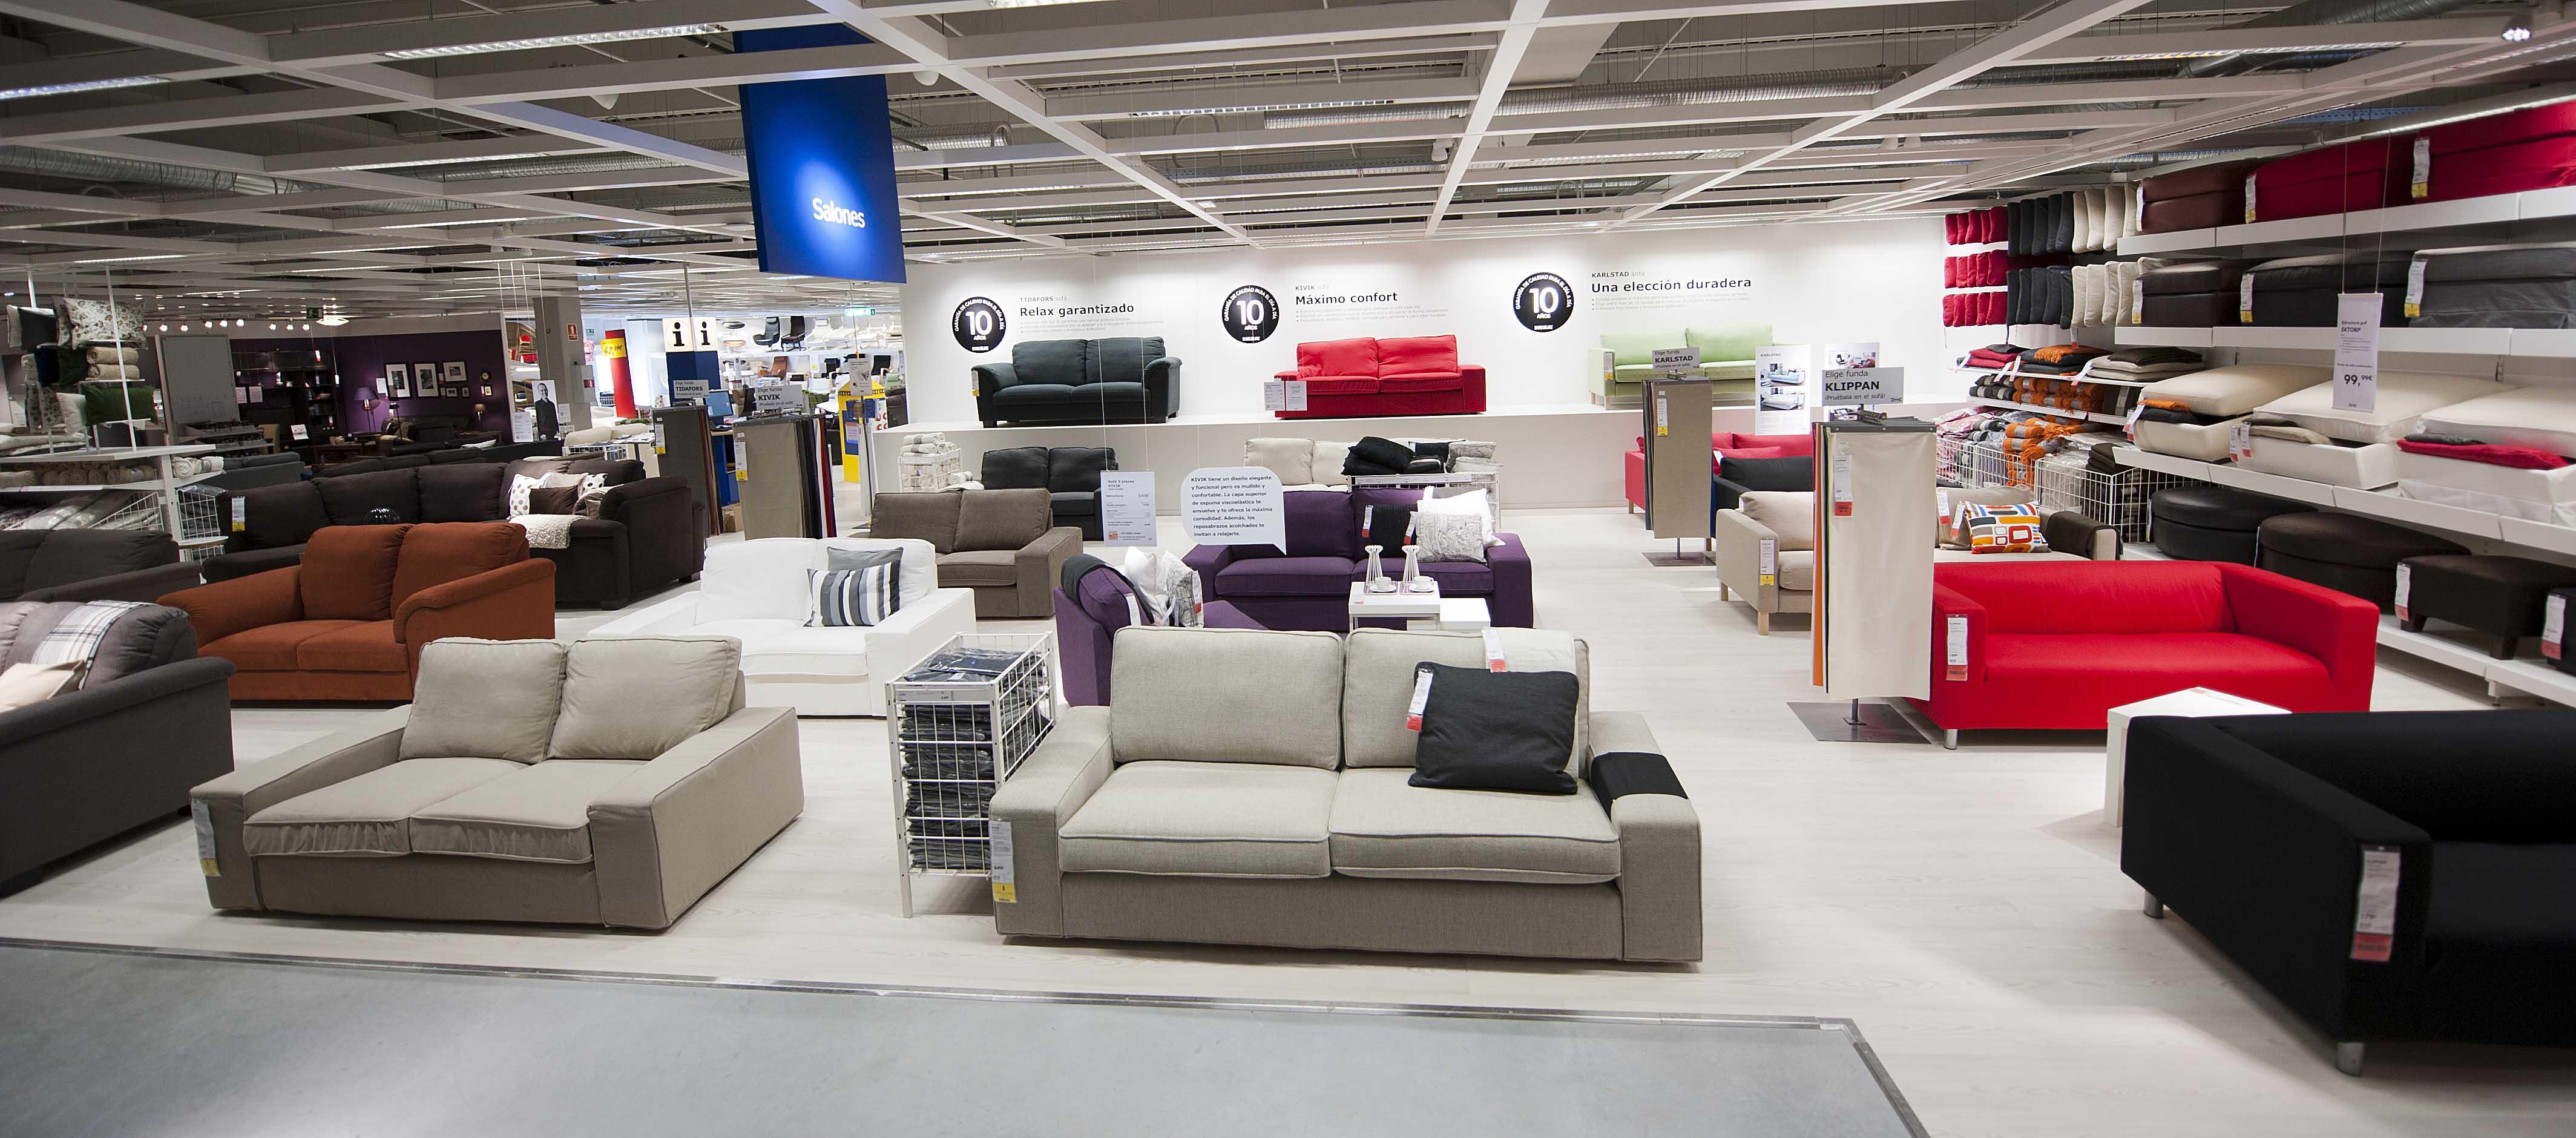 Tiendas de sofas en madrid excellent tienda muebles - Muebles ikea sevilla ...